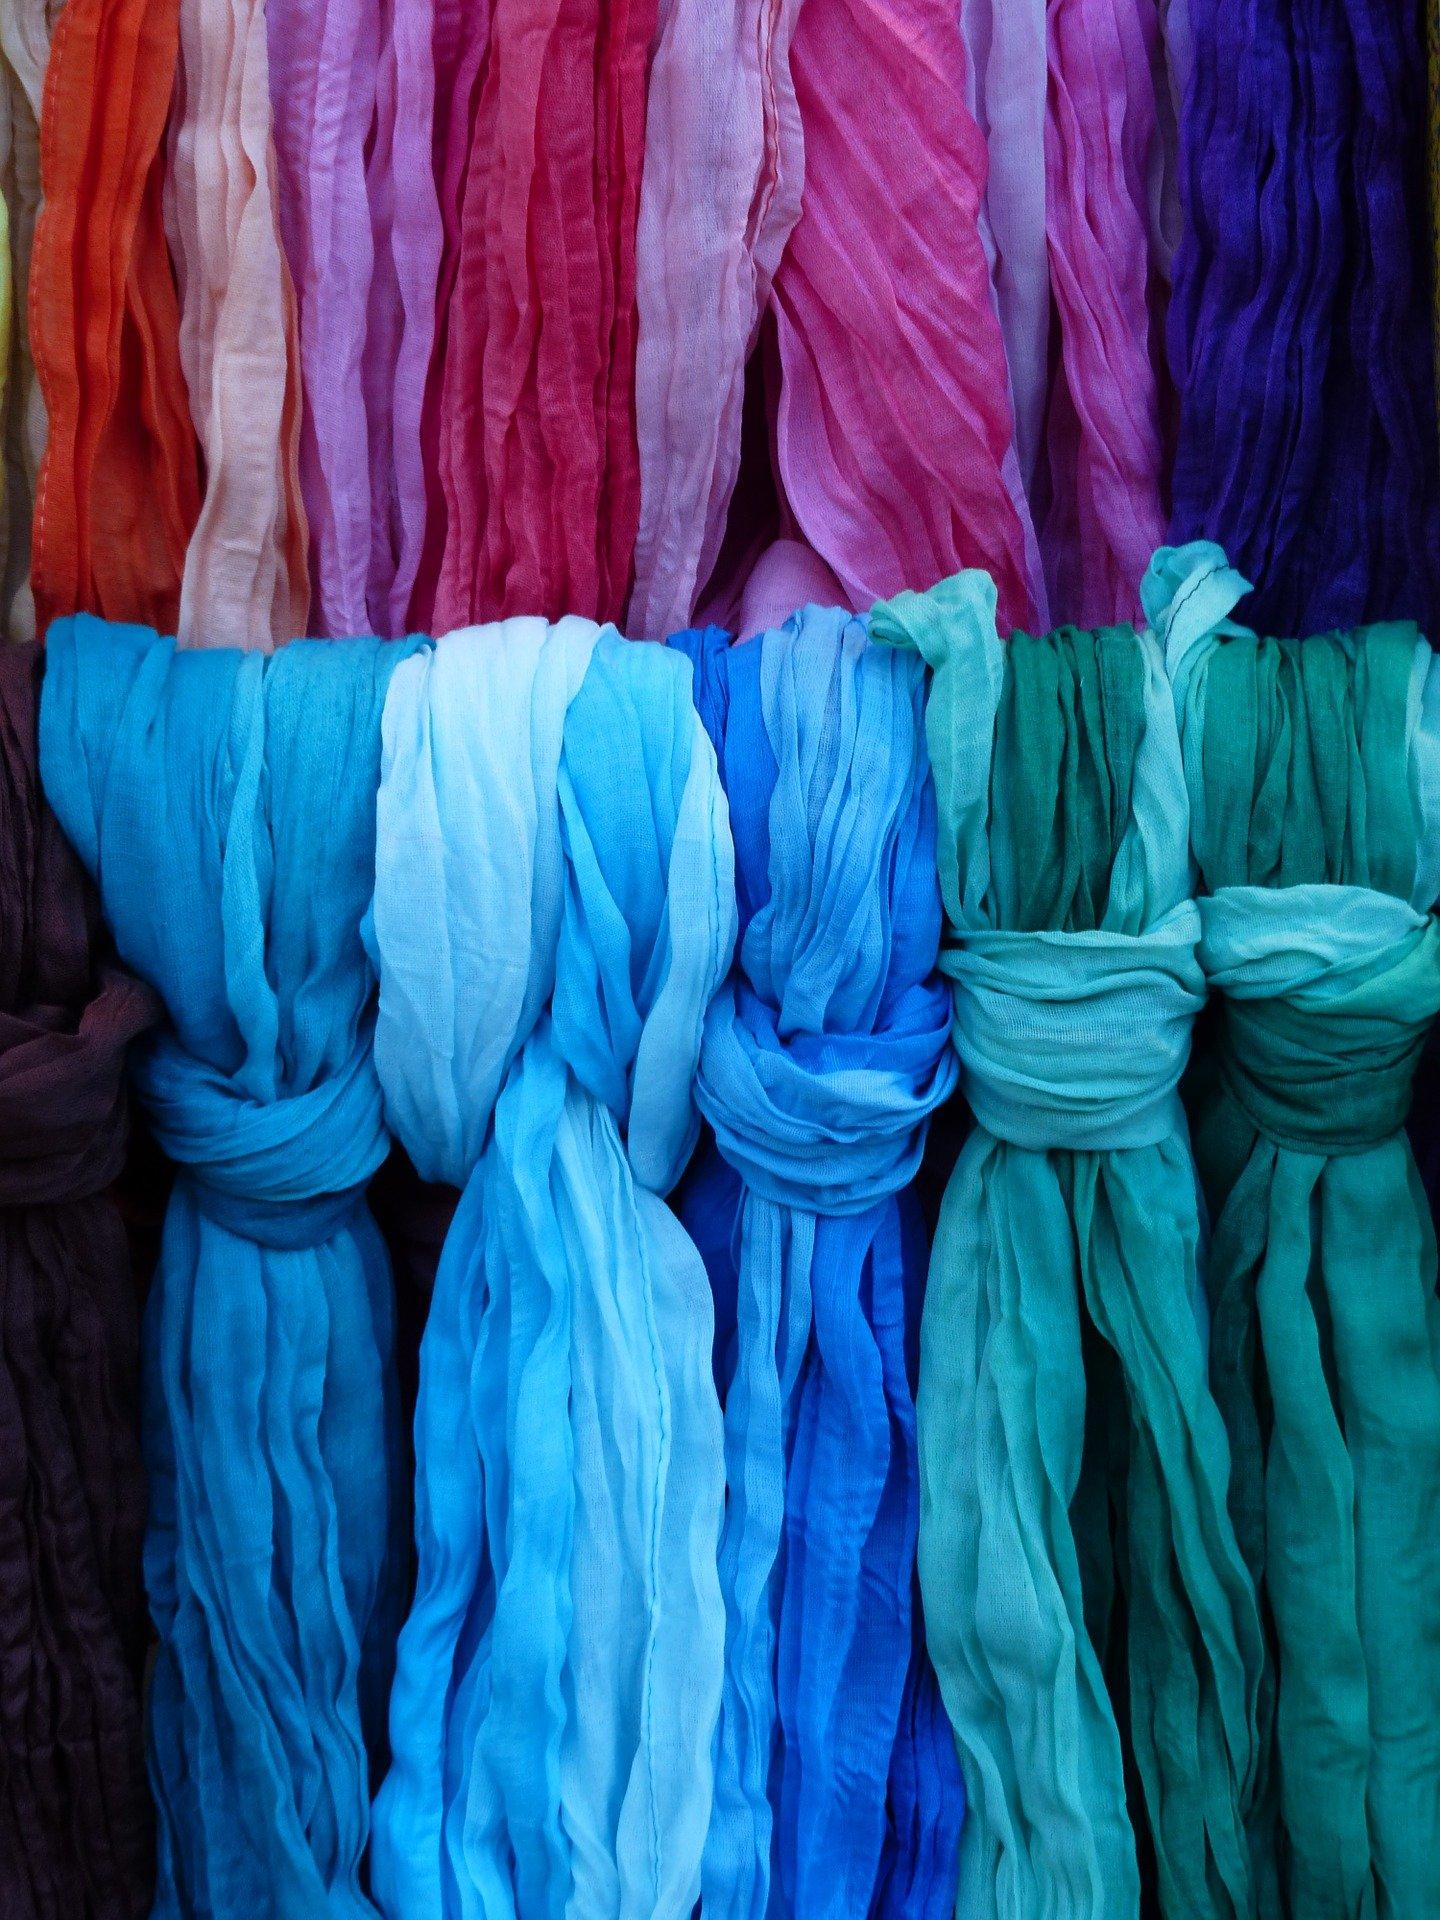 צעיפים צבעוניים